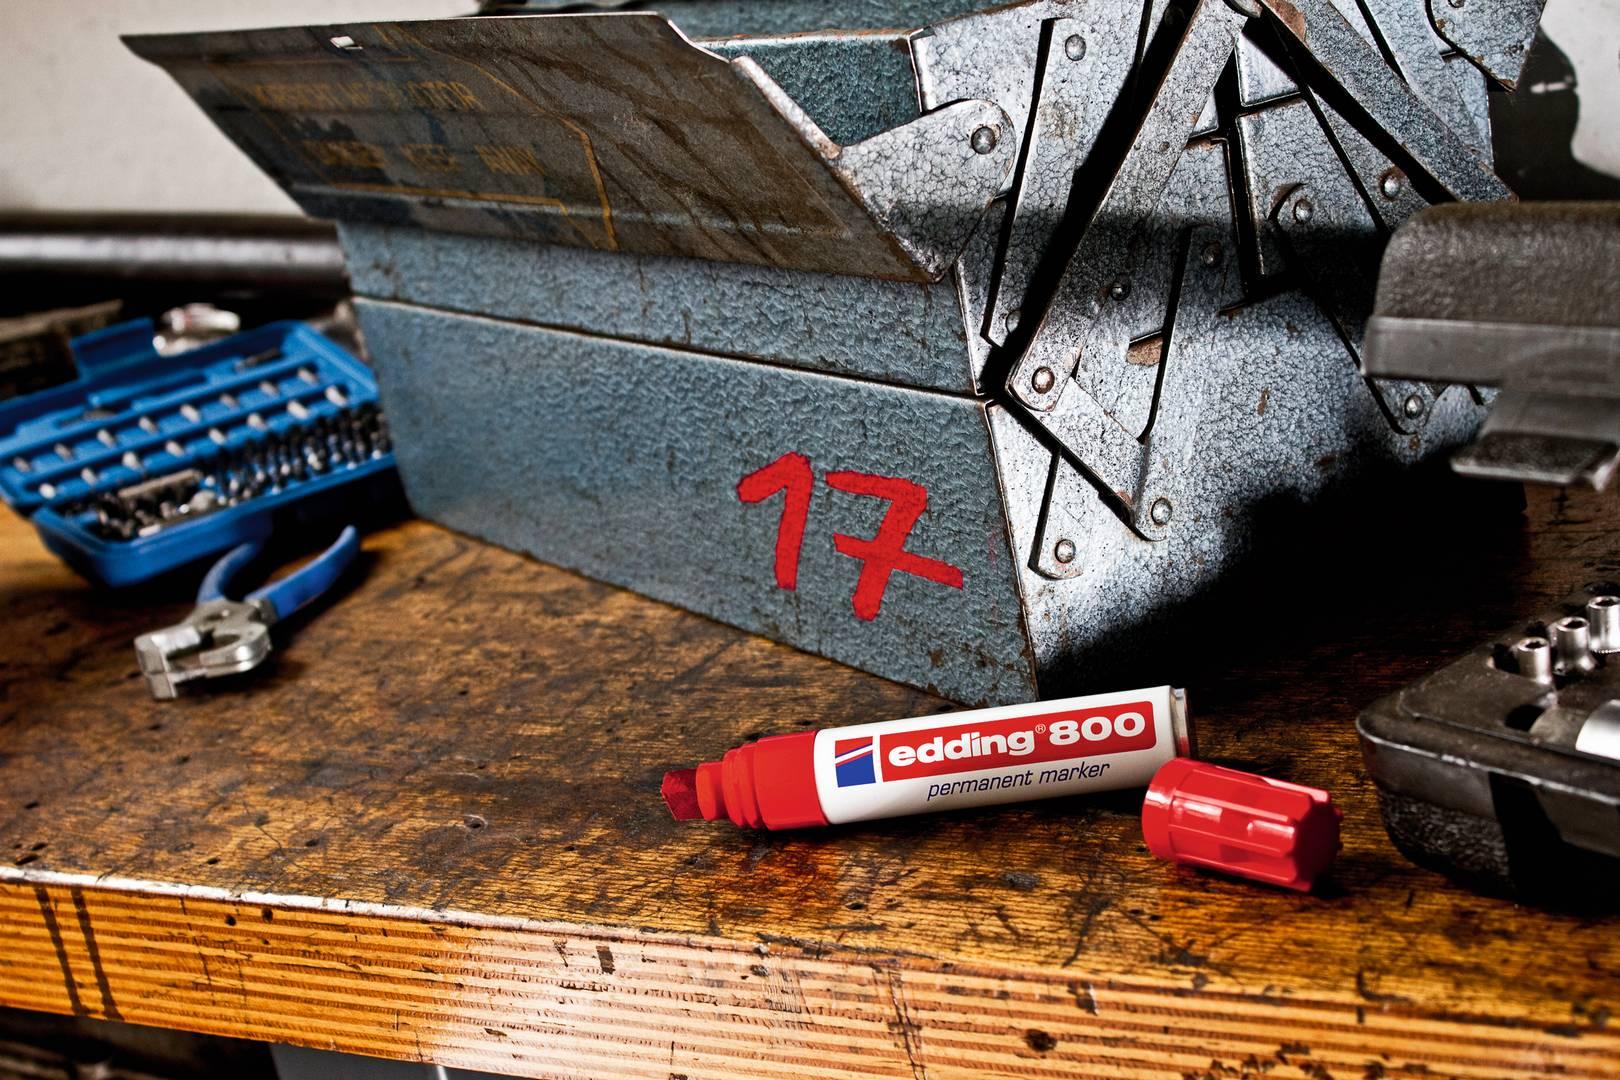 edding 800 permanentní popisovač, šikmý hrot 4-12  mm, sada 5 ks